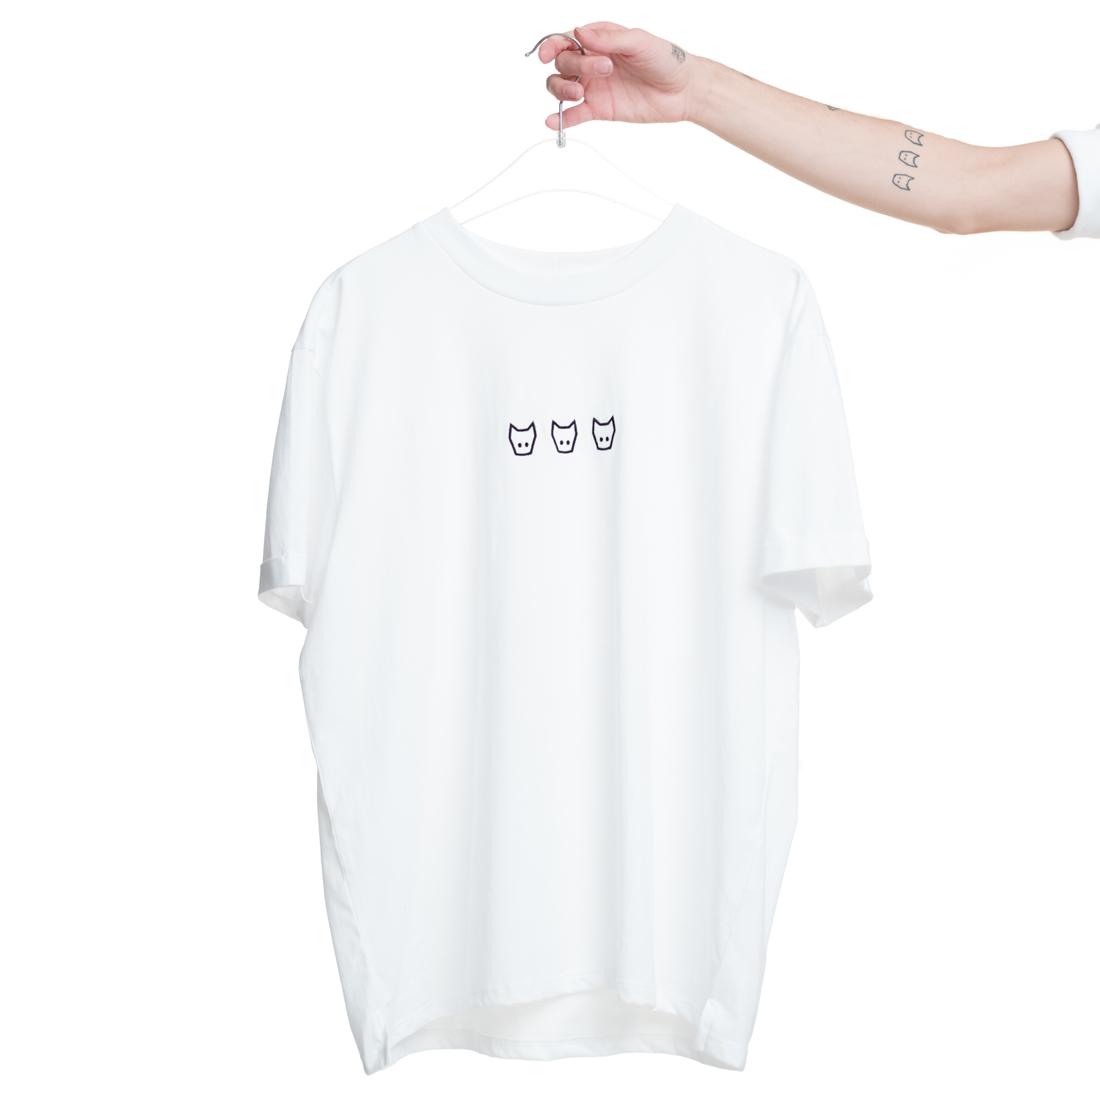 Logo von Dat Adam - T-Shirt jetzt im Dat Adam Shop